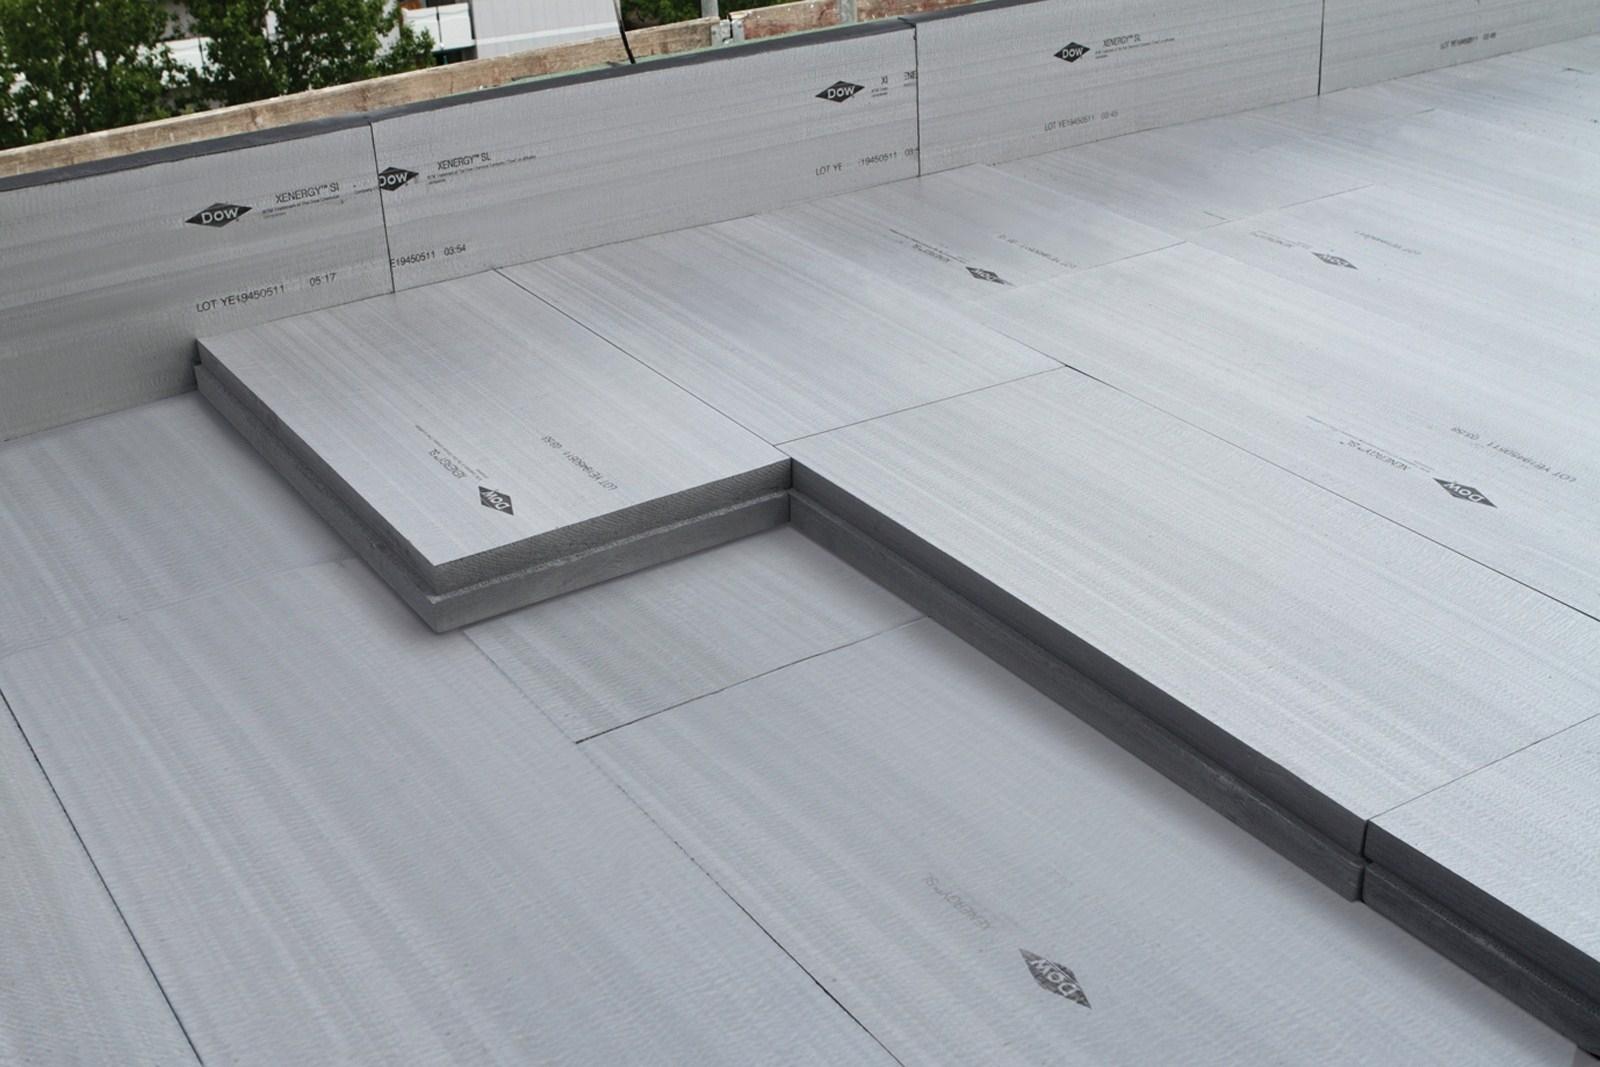 Pannelli isolanti termici - Isolamento pareti - Pannelli ...